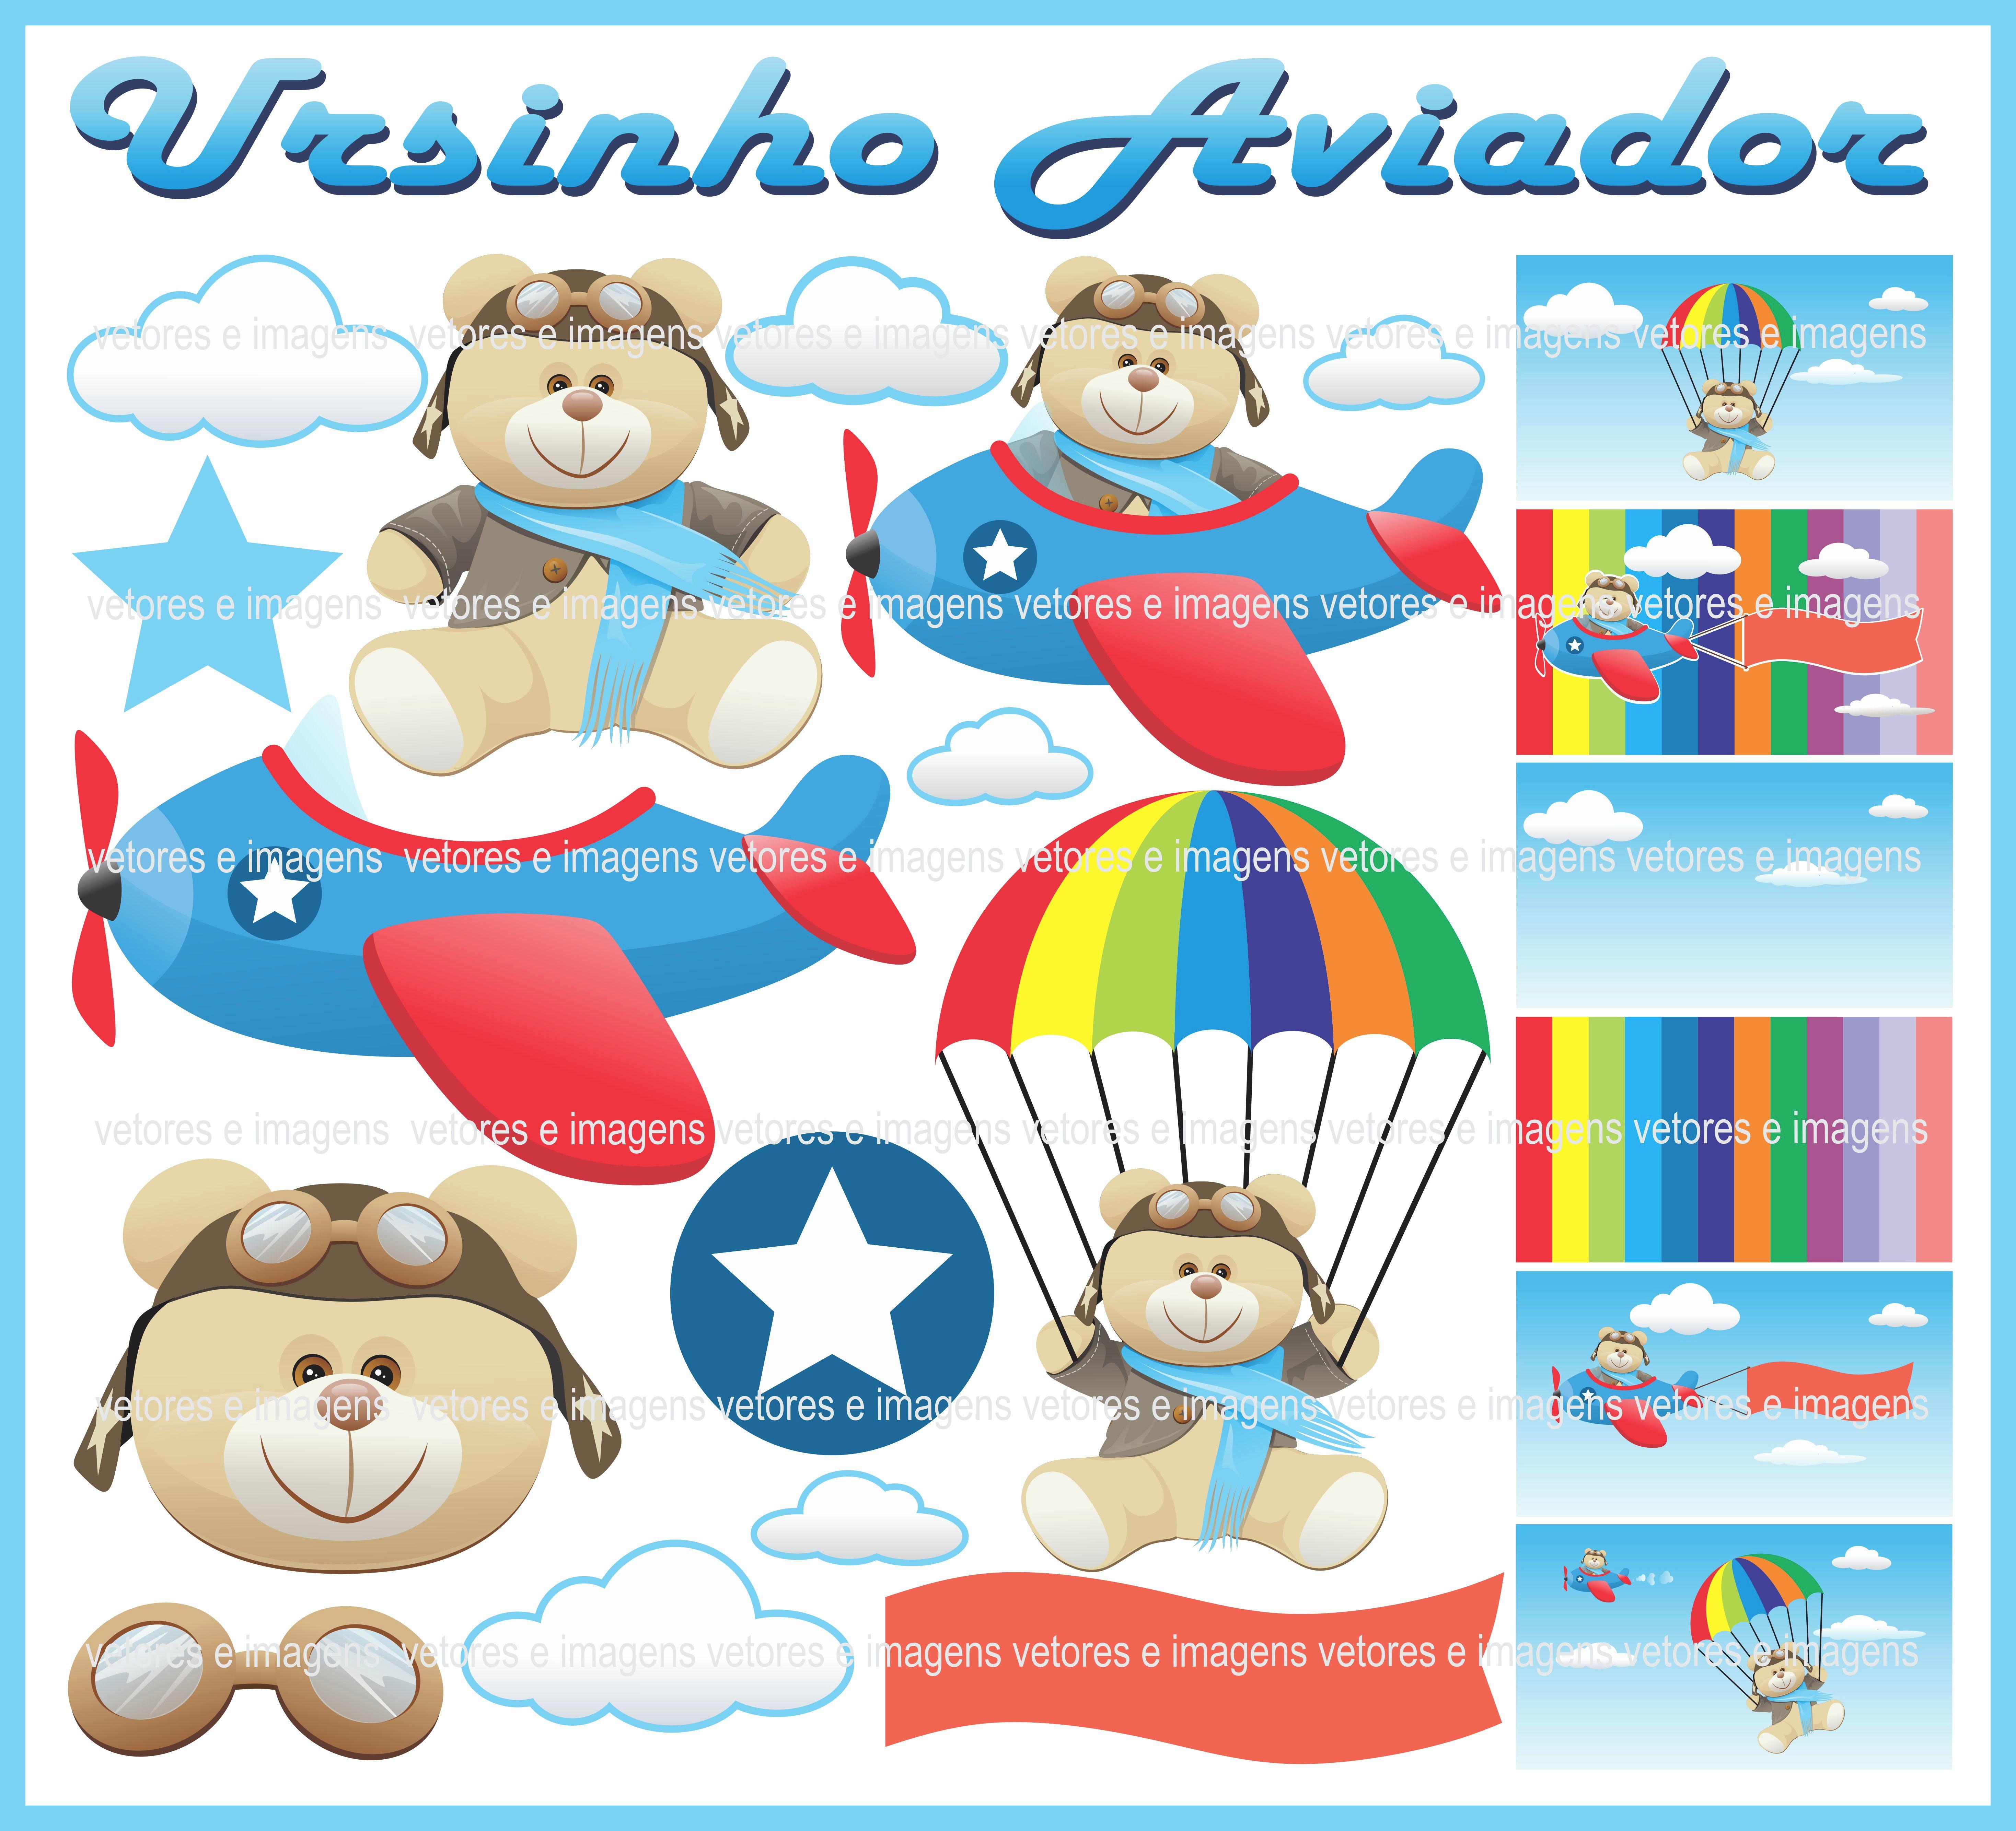 Ursinho Aviador Principe Urso Vetores E Imagens No Elo7 Mr